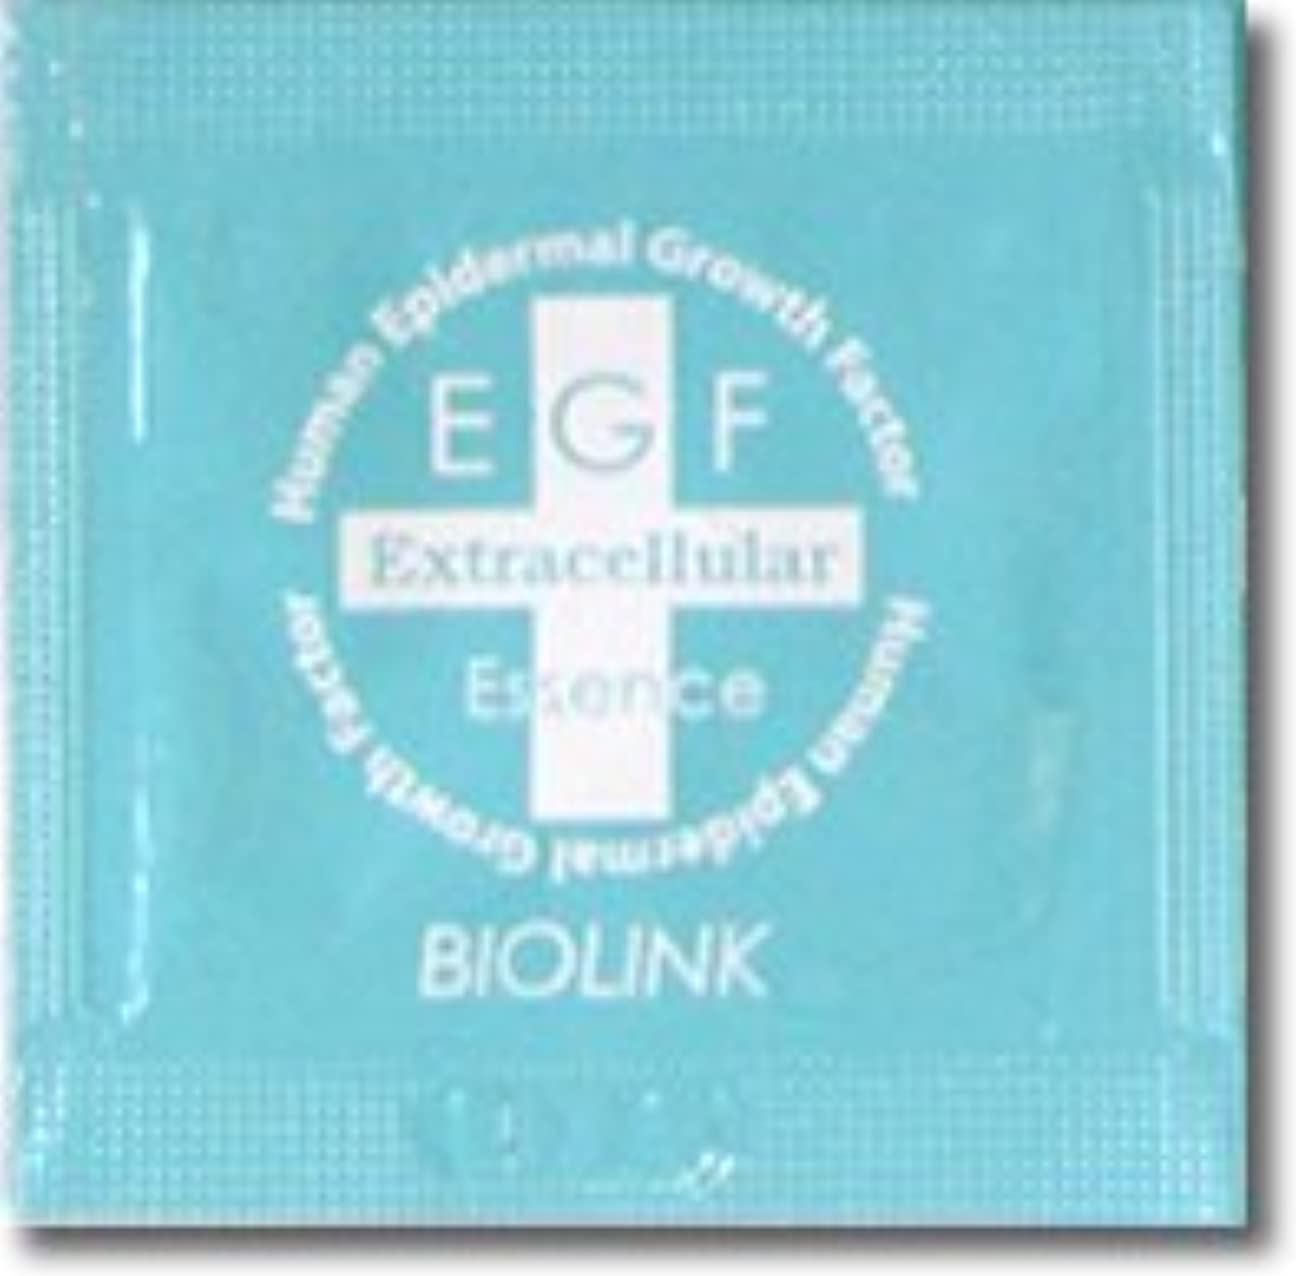 食料品店空使用法バイオリンク EGF エクストラエッセンス 分包 100個+10個おまけ付きセット